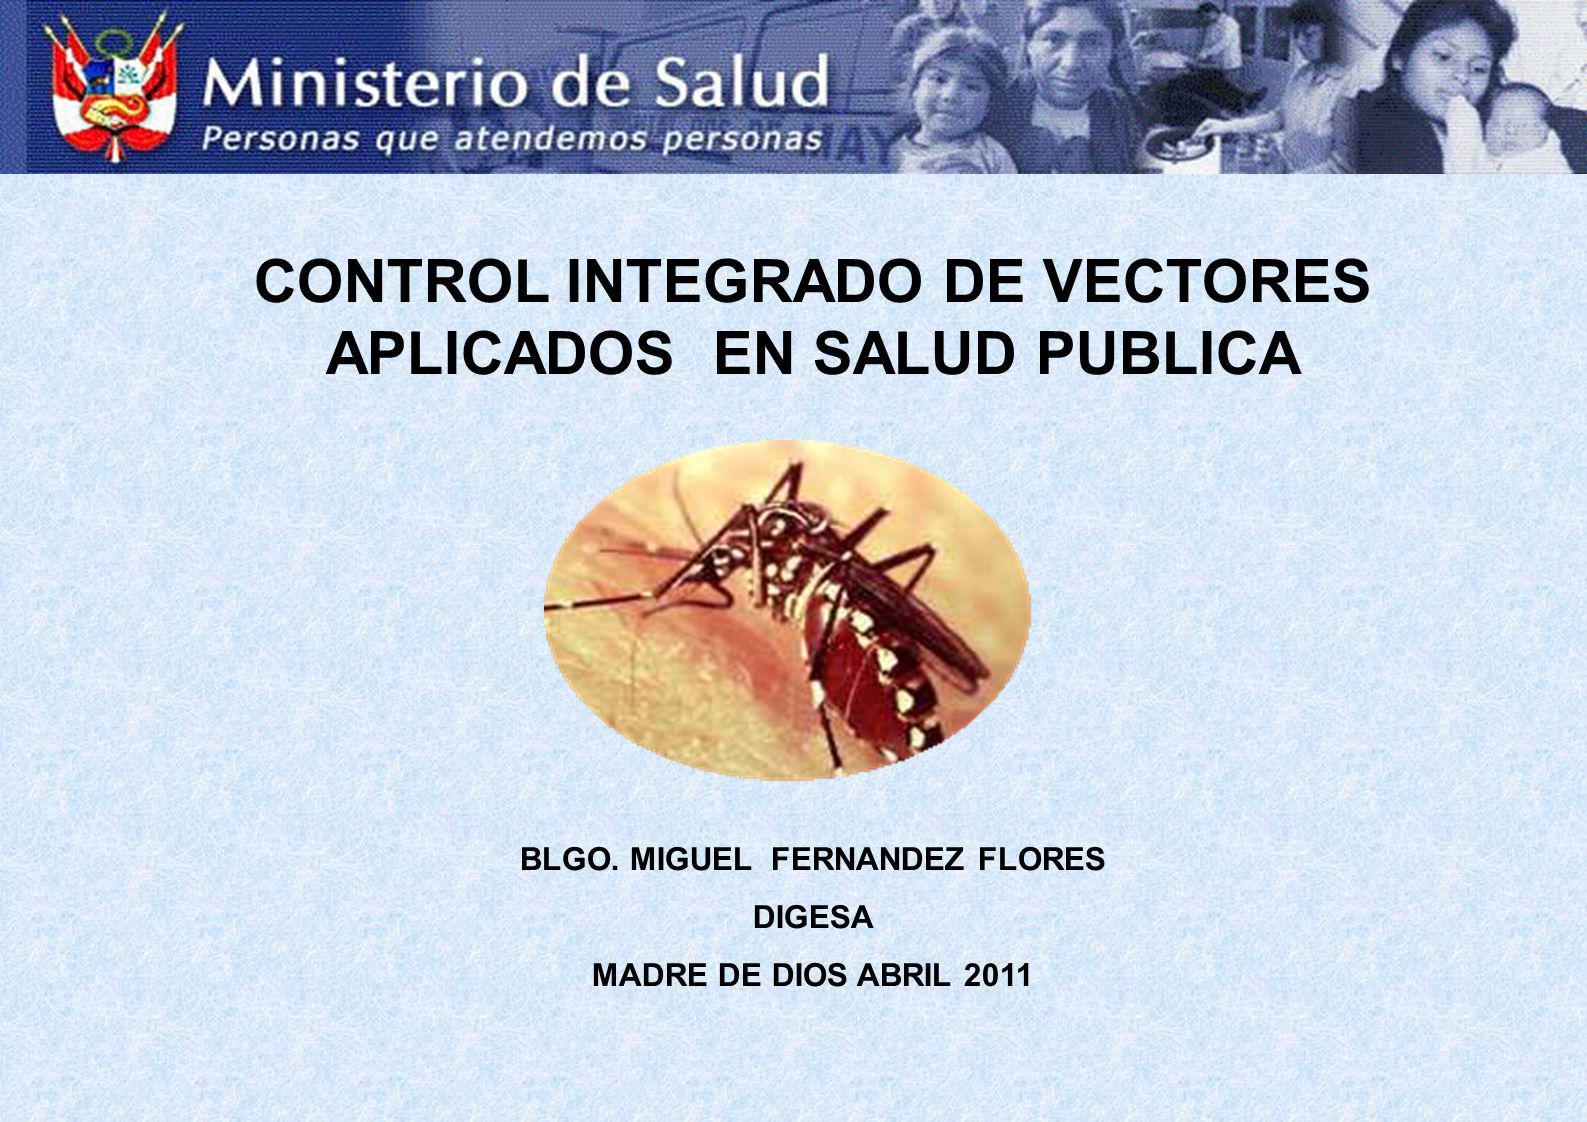 CONTROL INTEGRADO DE VECTORES APLICADOS EN SALUD PUBLICA BLGO. MIGUEL FERNANDEZ FLORES DIGESA MADRE DE DIOS ABRIL 2011